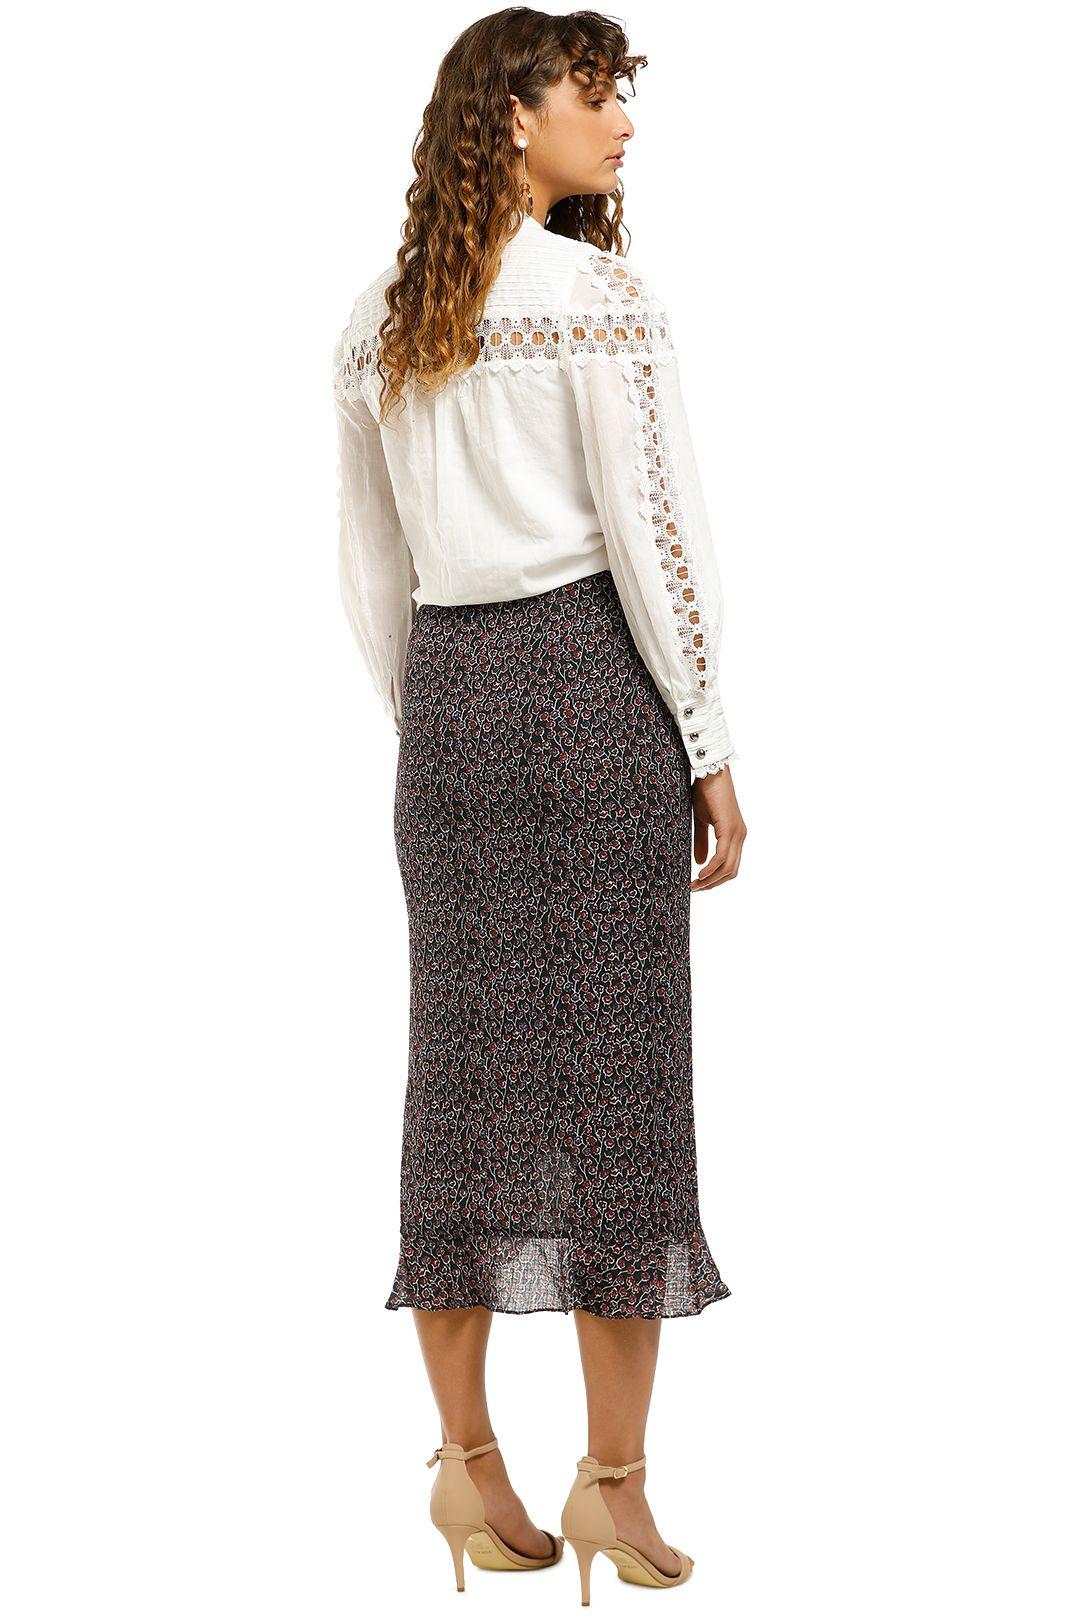 Formation-Skirt-Minuit-Floral-Back